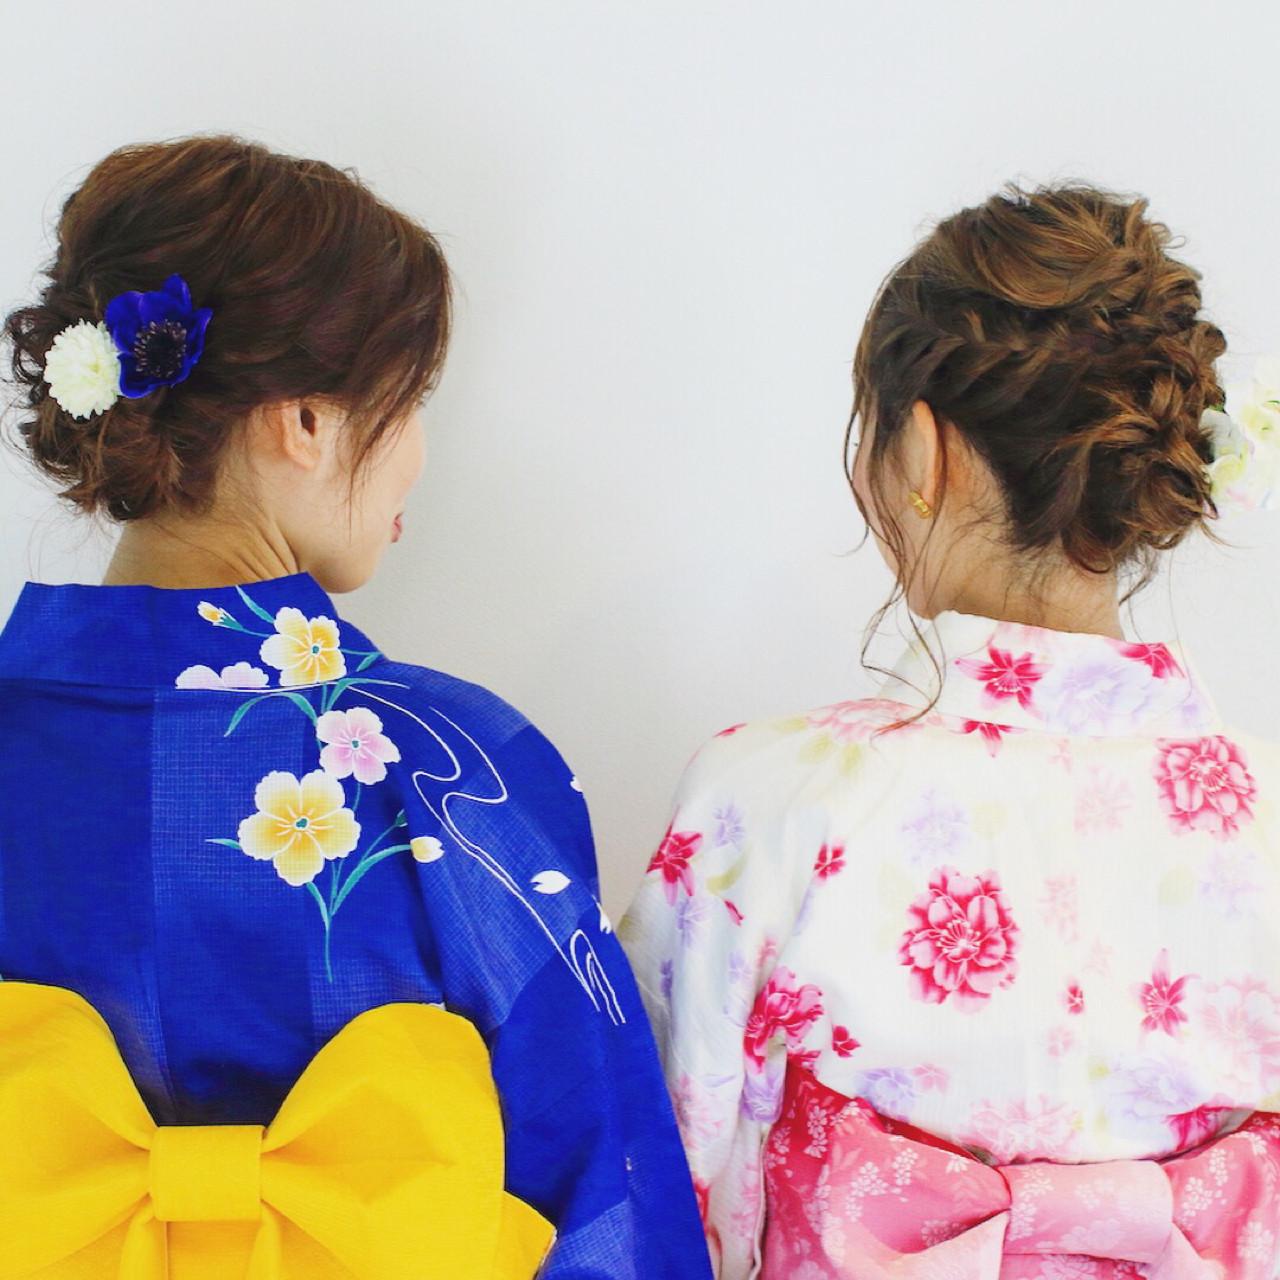 お祭り ヘアアレンジ 花火大会 フェミニン ヘアスタイルや髪型の写真・画像 | 美容師HIRO/Amoute代表 / Amoute/アムティ